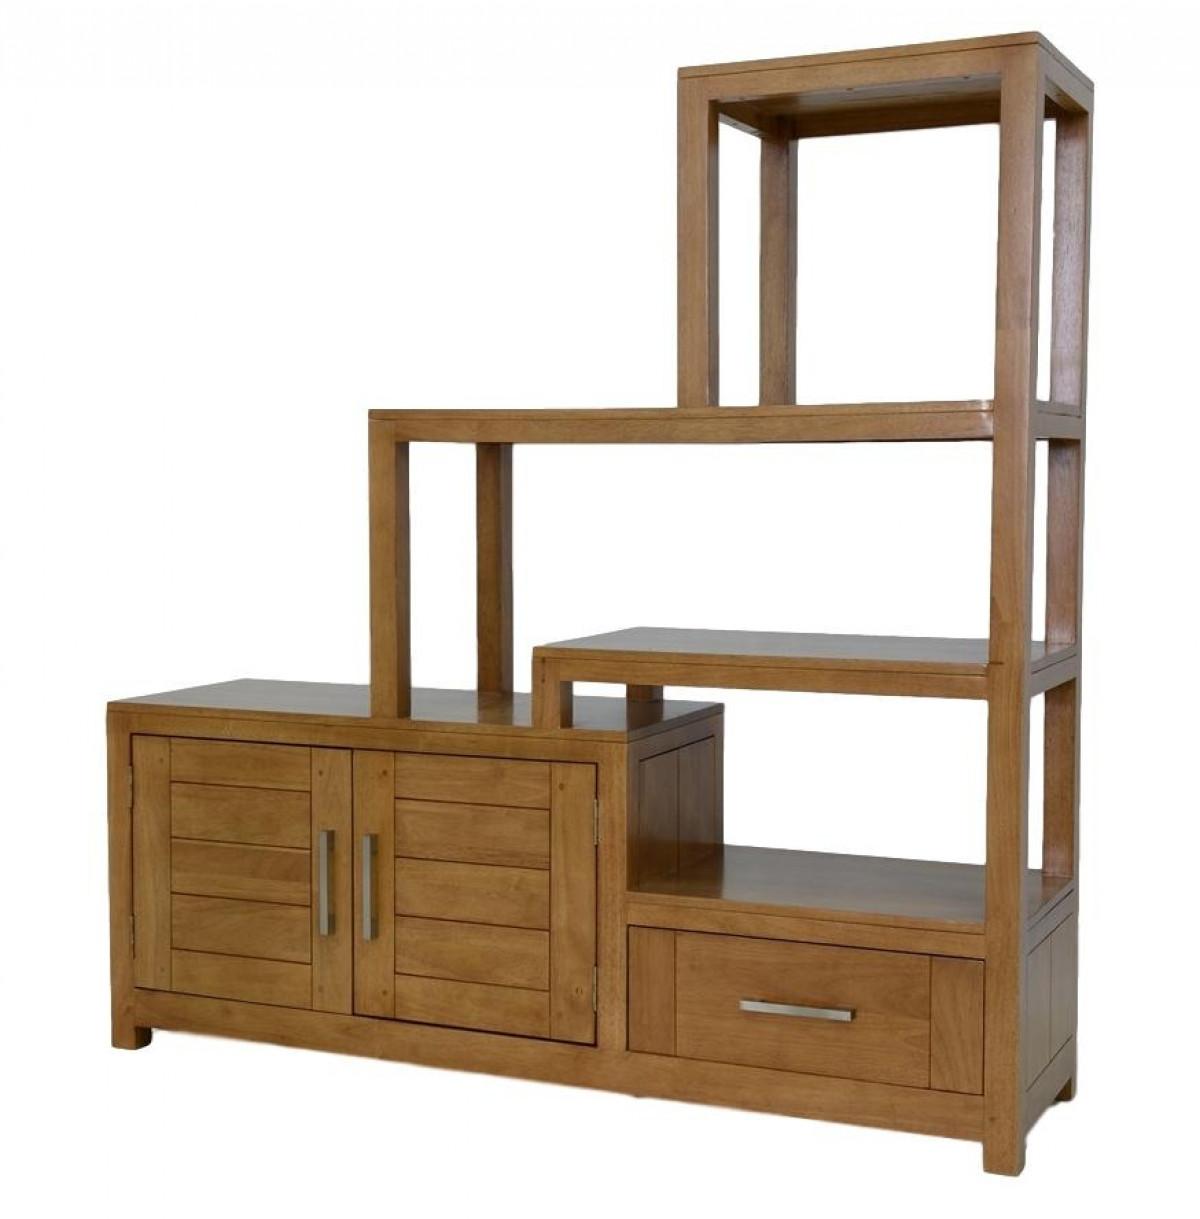 Meubles Cloison Double Face ahor, meuble de séparation, bois recyclé